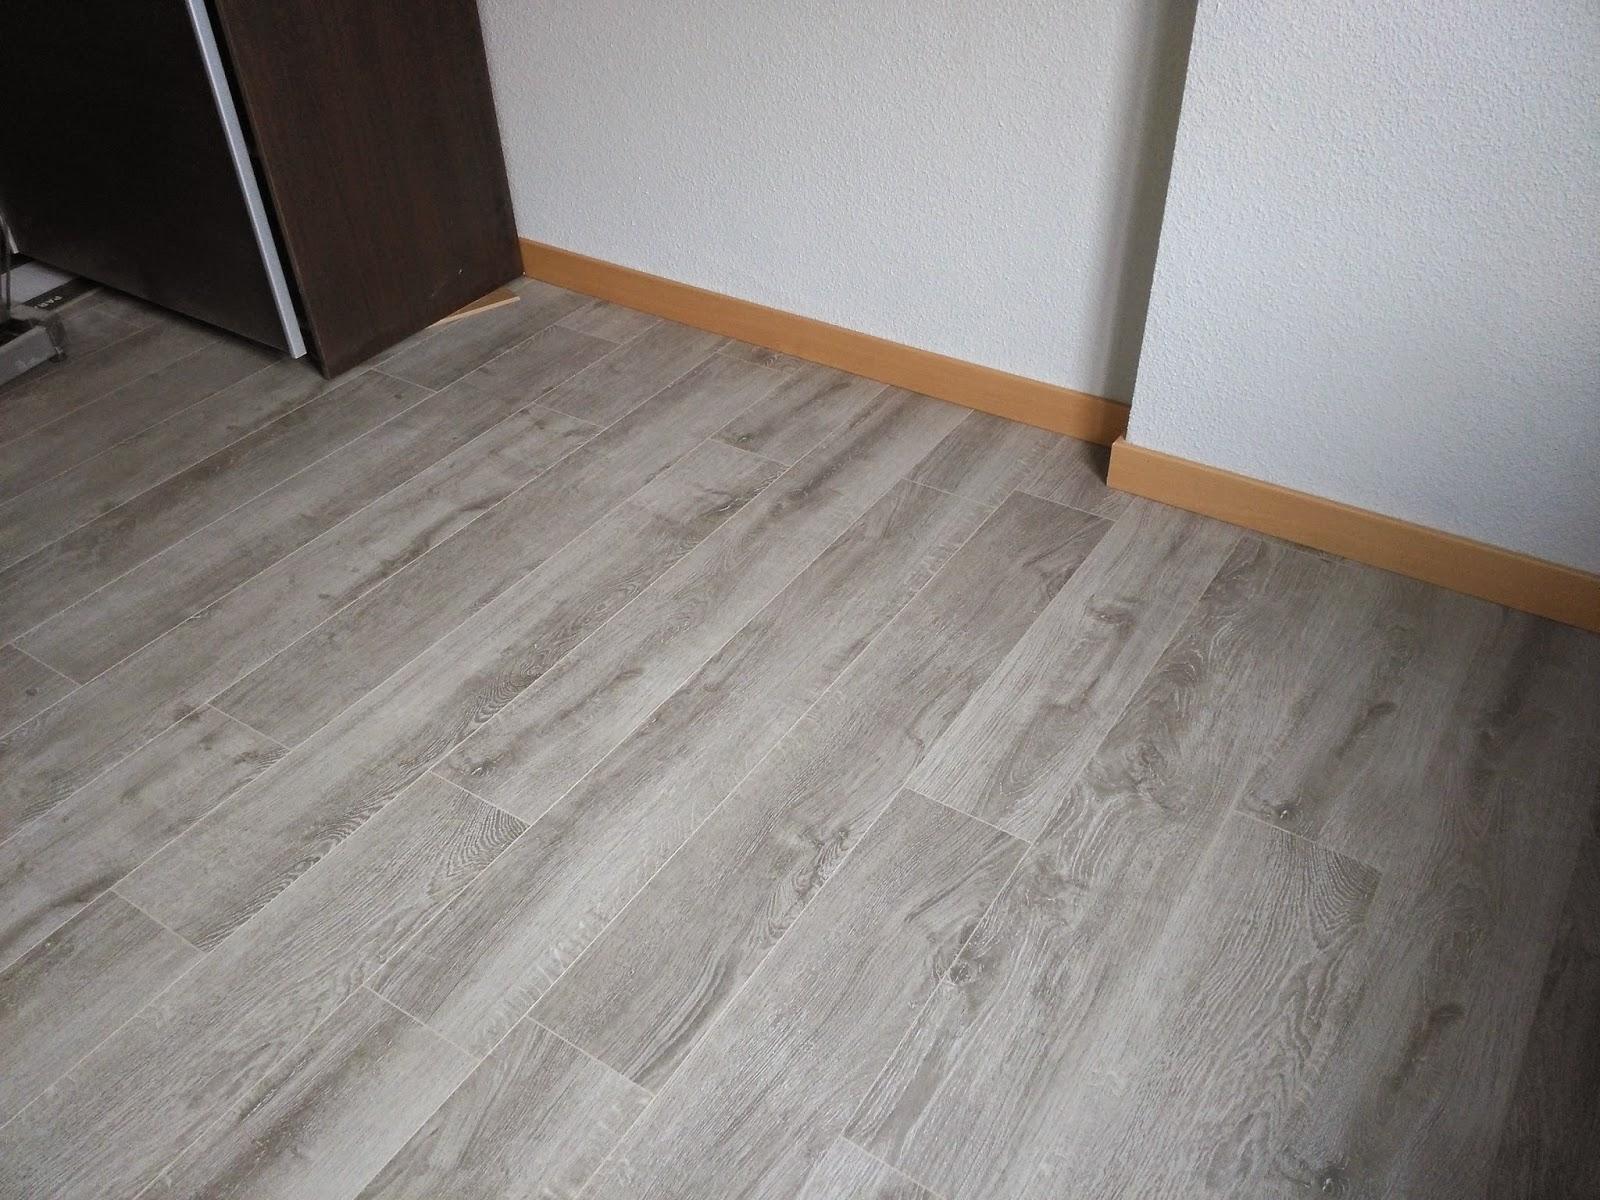 Parquet gris claro como clm roble gris claro aceitado - Parador suelo laminado ...